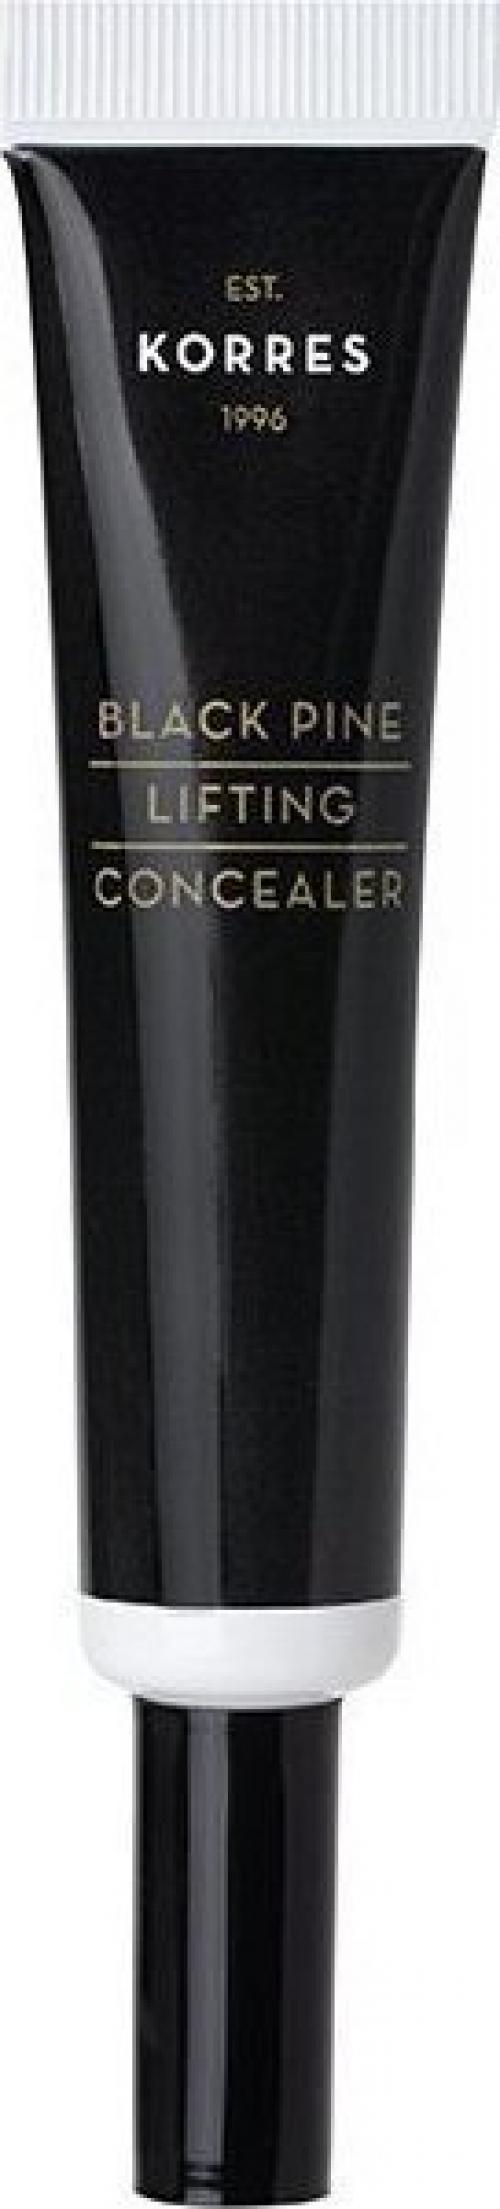 Μαύρη Πεύκη Lifting Concealer BPC1